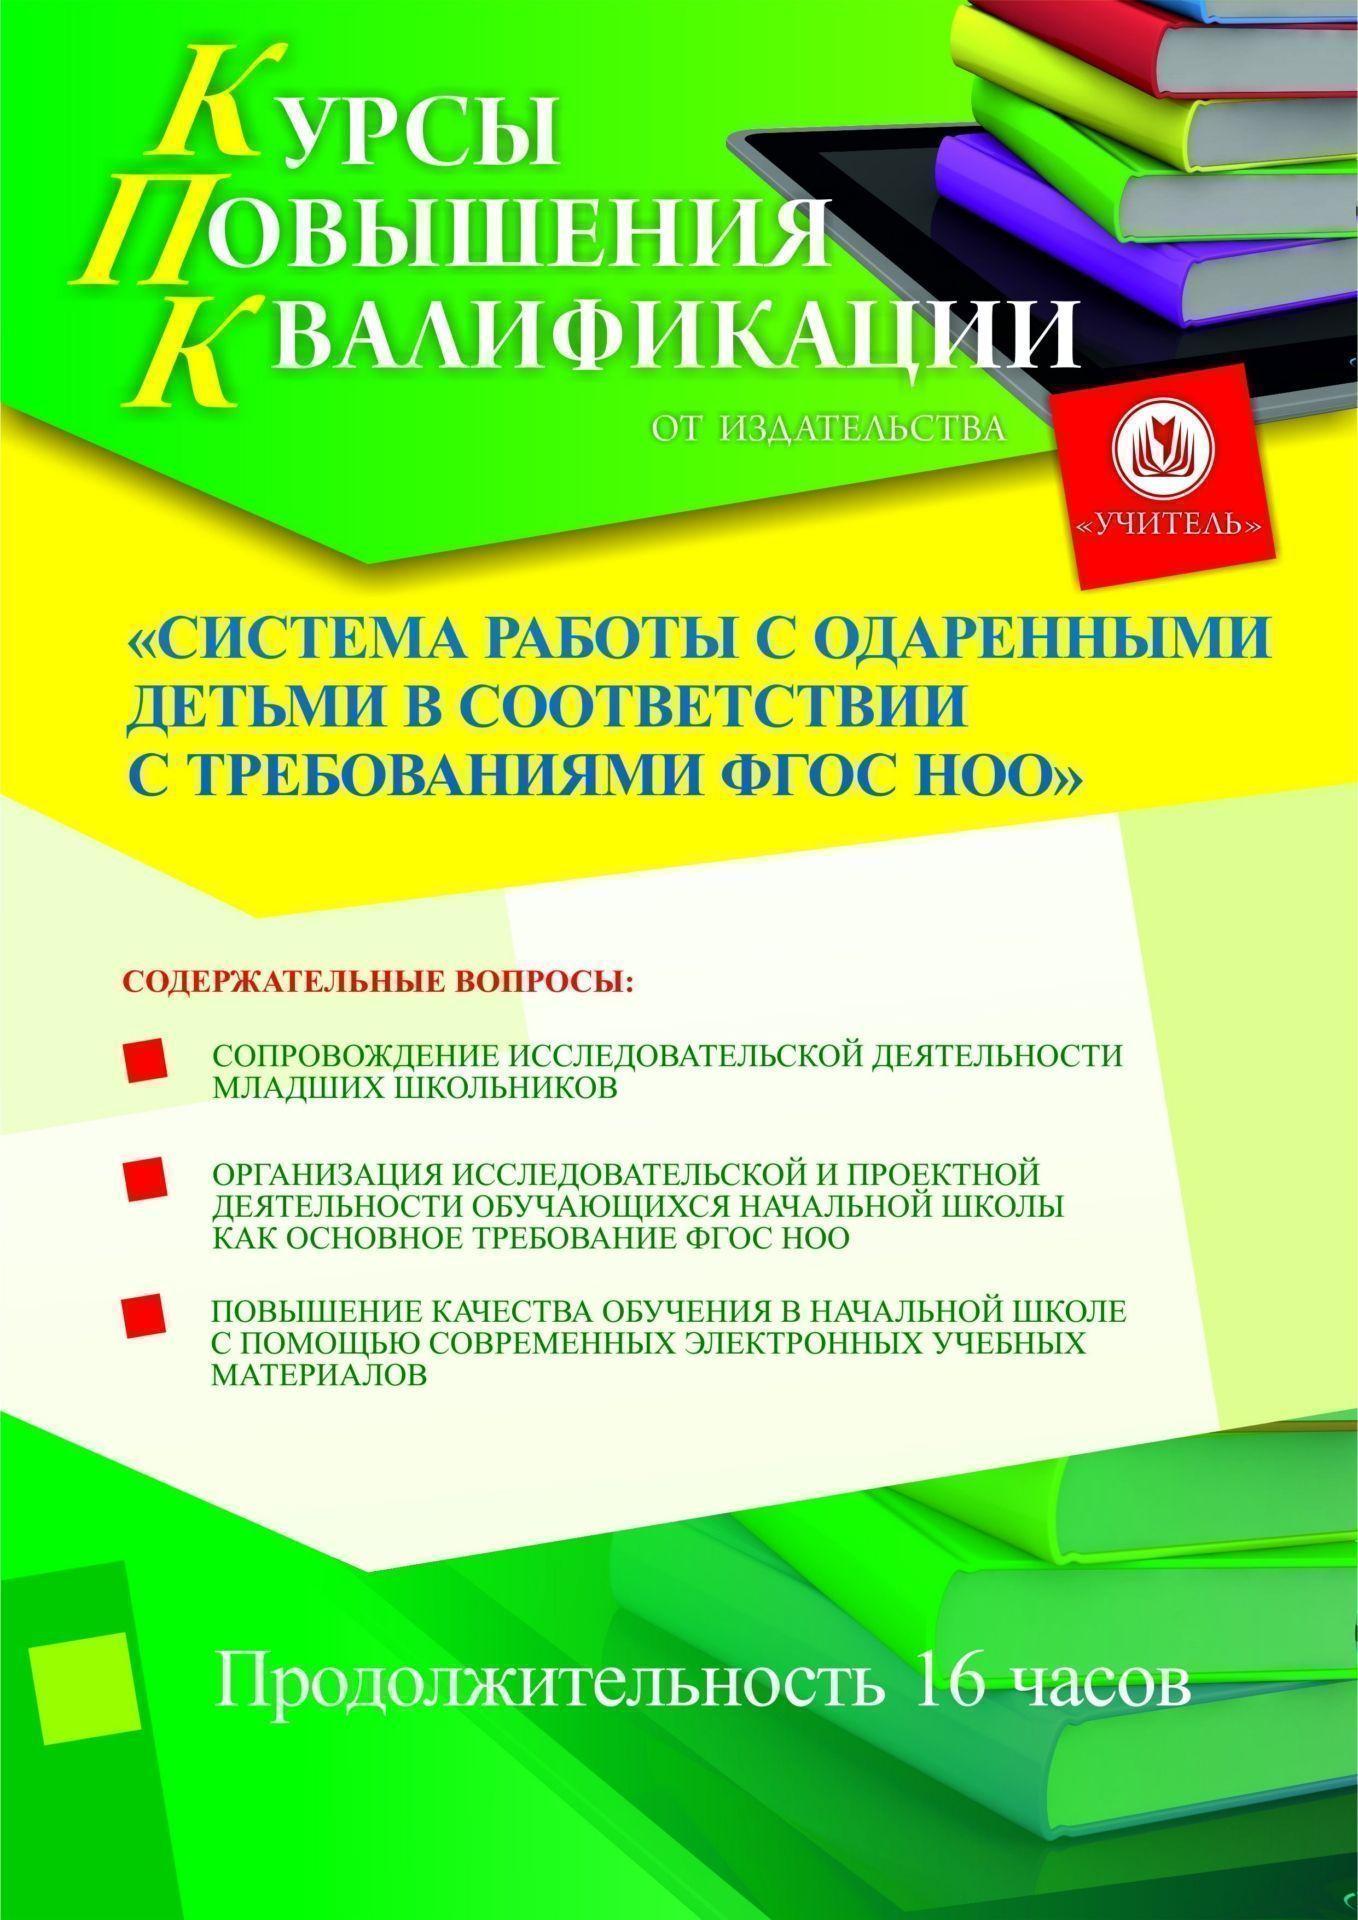 Система работы с одаренными детьми в соответствии с требованиями ФГОС НОО (16 ч.) фото